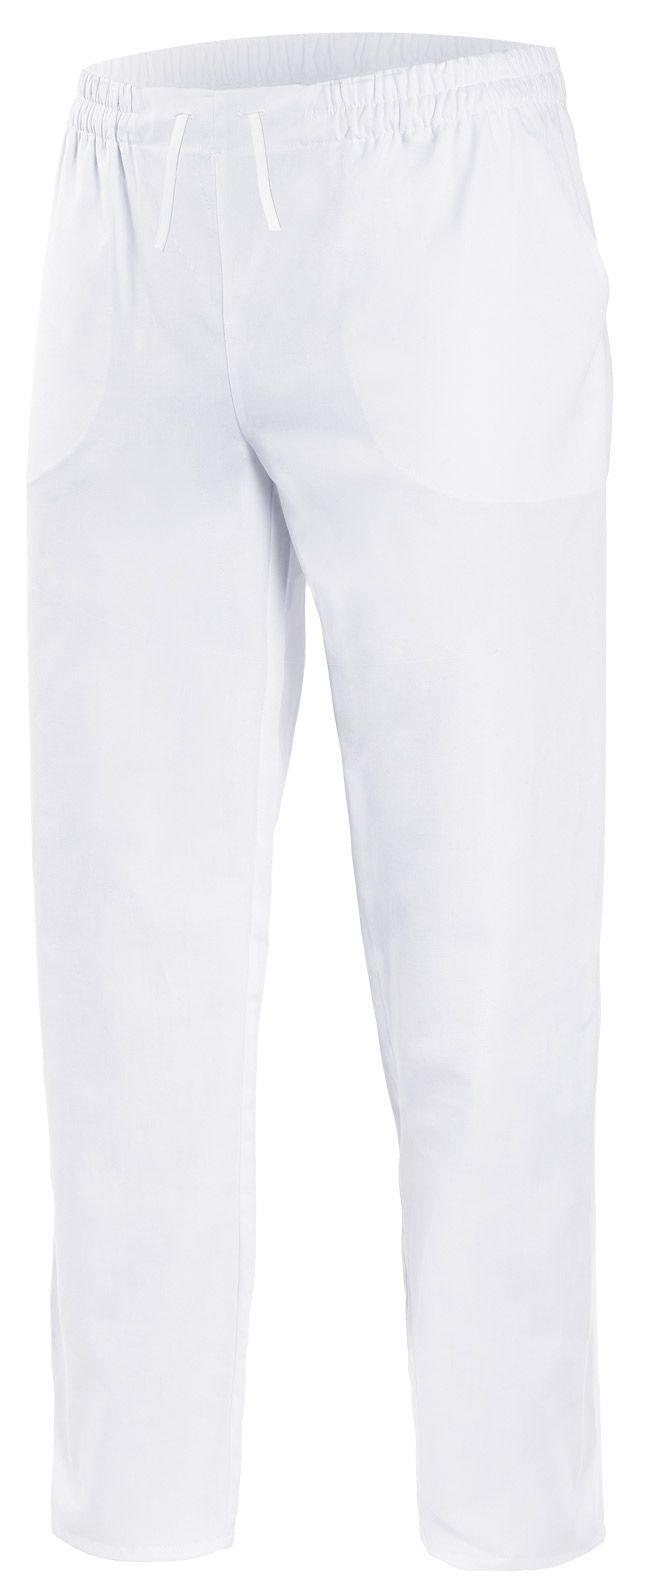 533001 Pantalón pijama con cintas: Catálogo de Mòn Laboral